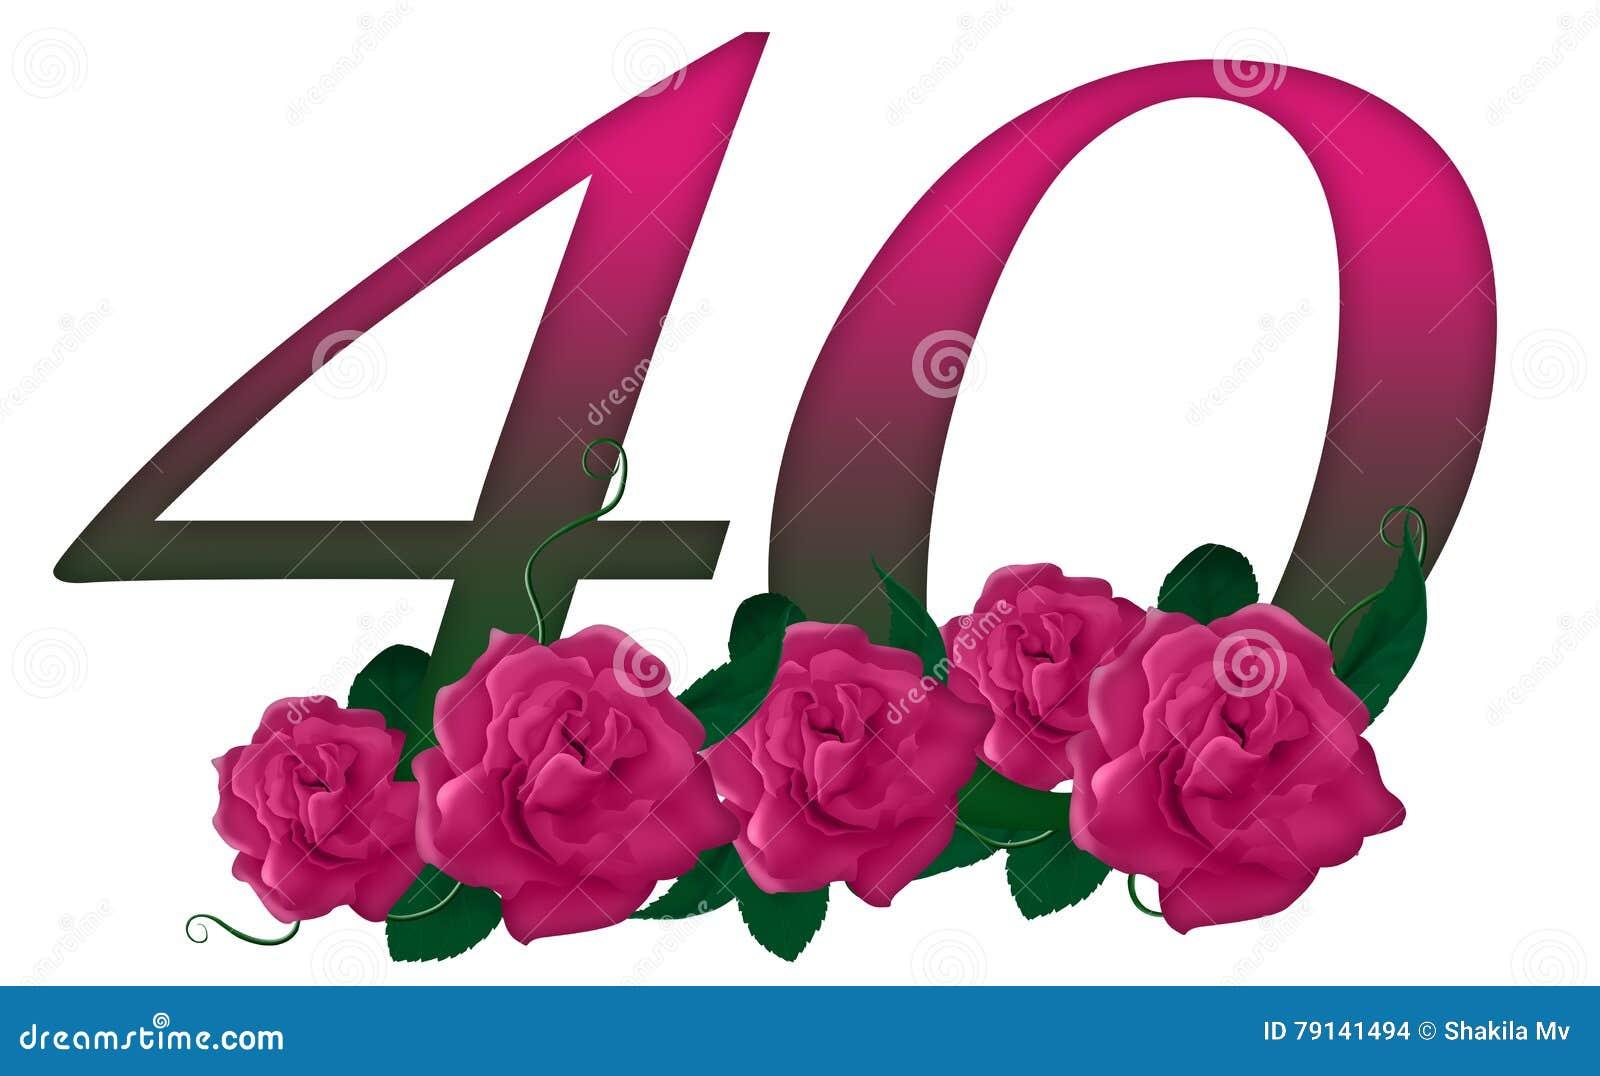 Number 40 Floral Stock Illustration Illustration Of Card